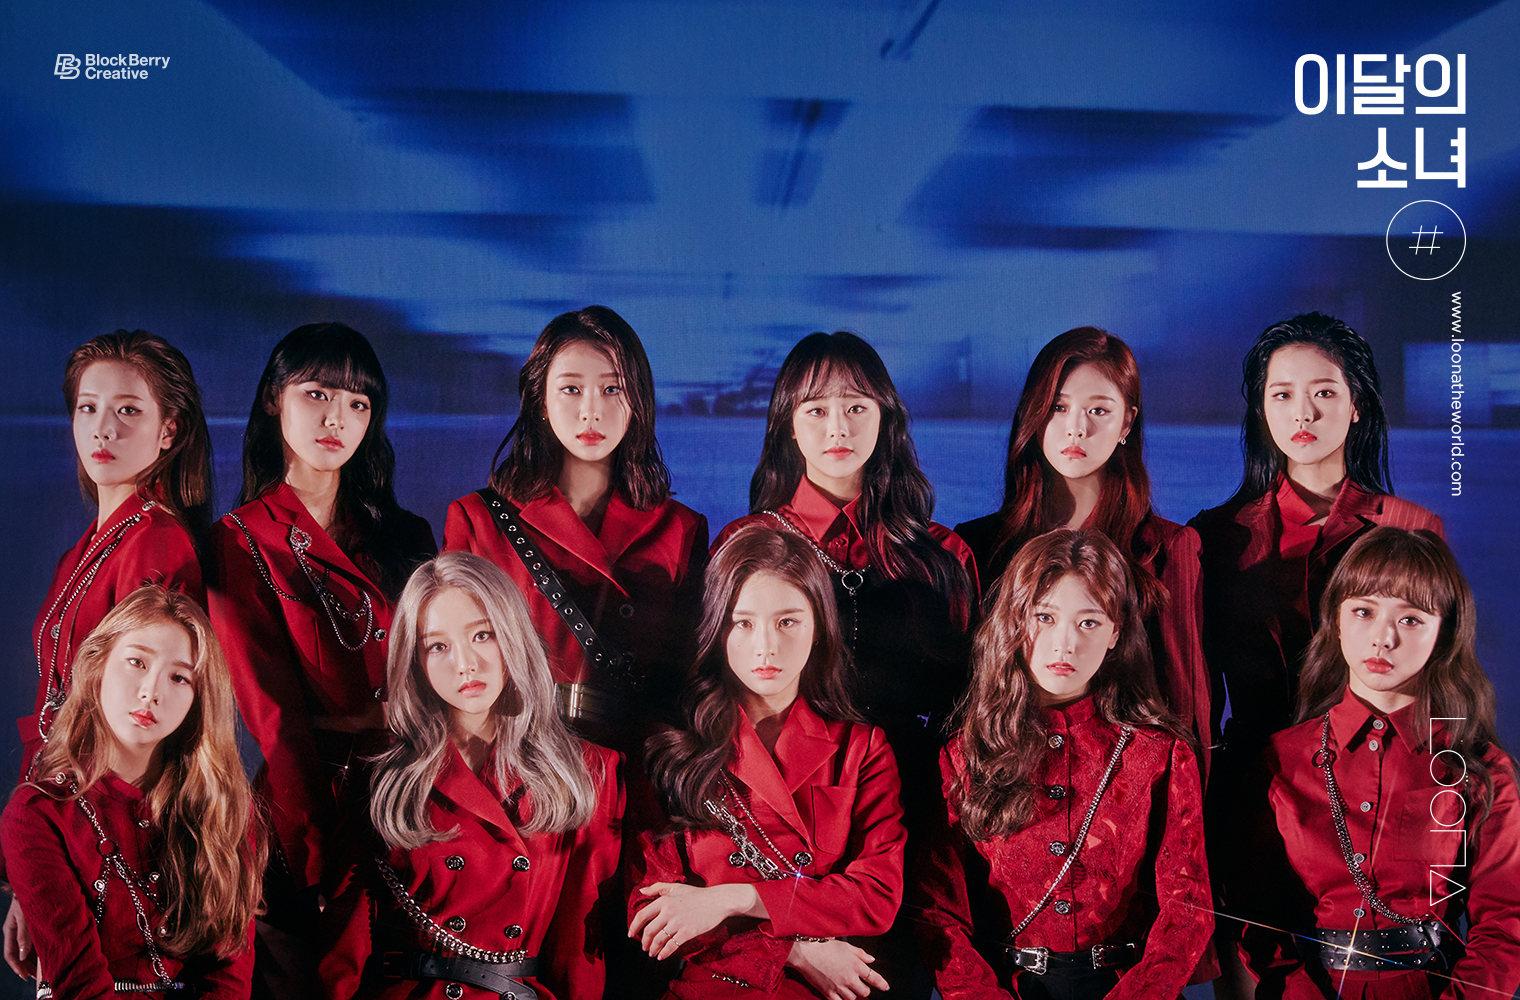 Loona Hashtag (#) Teaser Photos - K-Pop Database / dbkpop.com